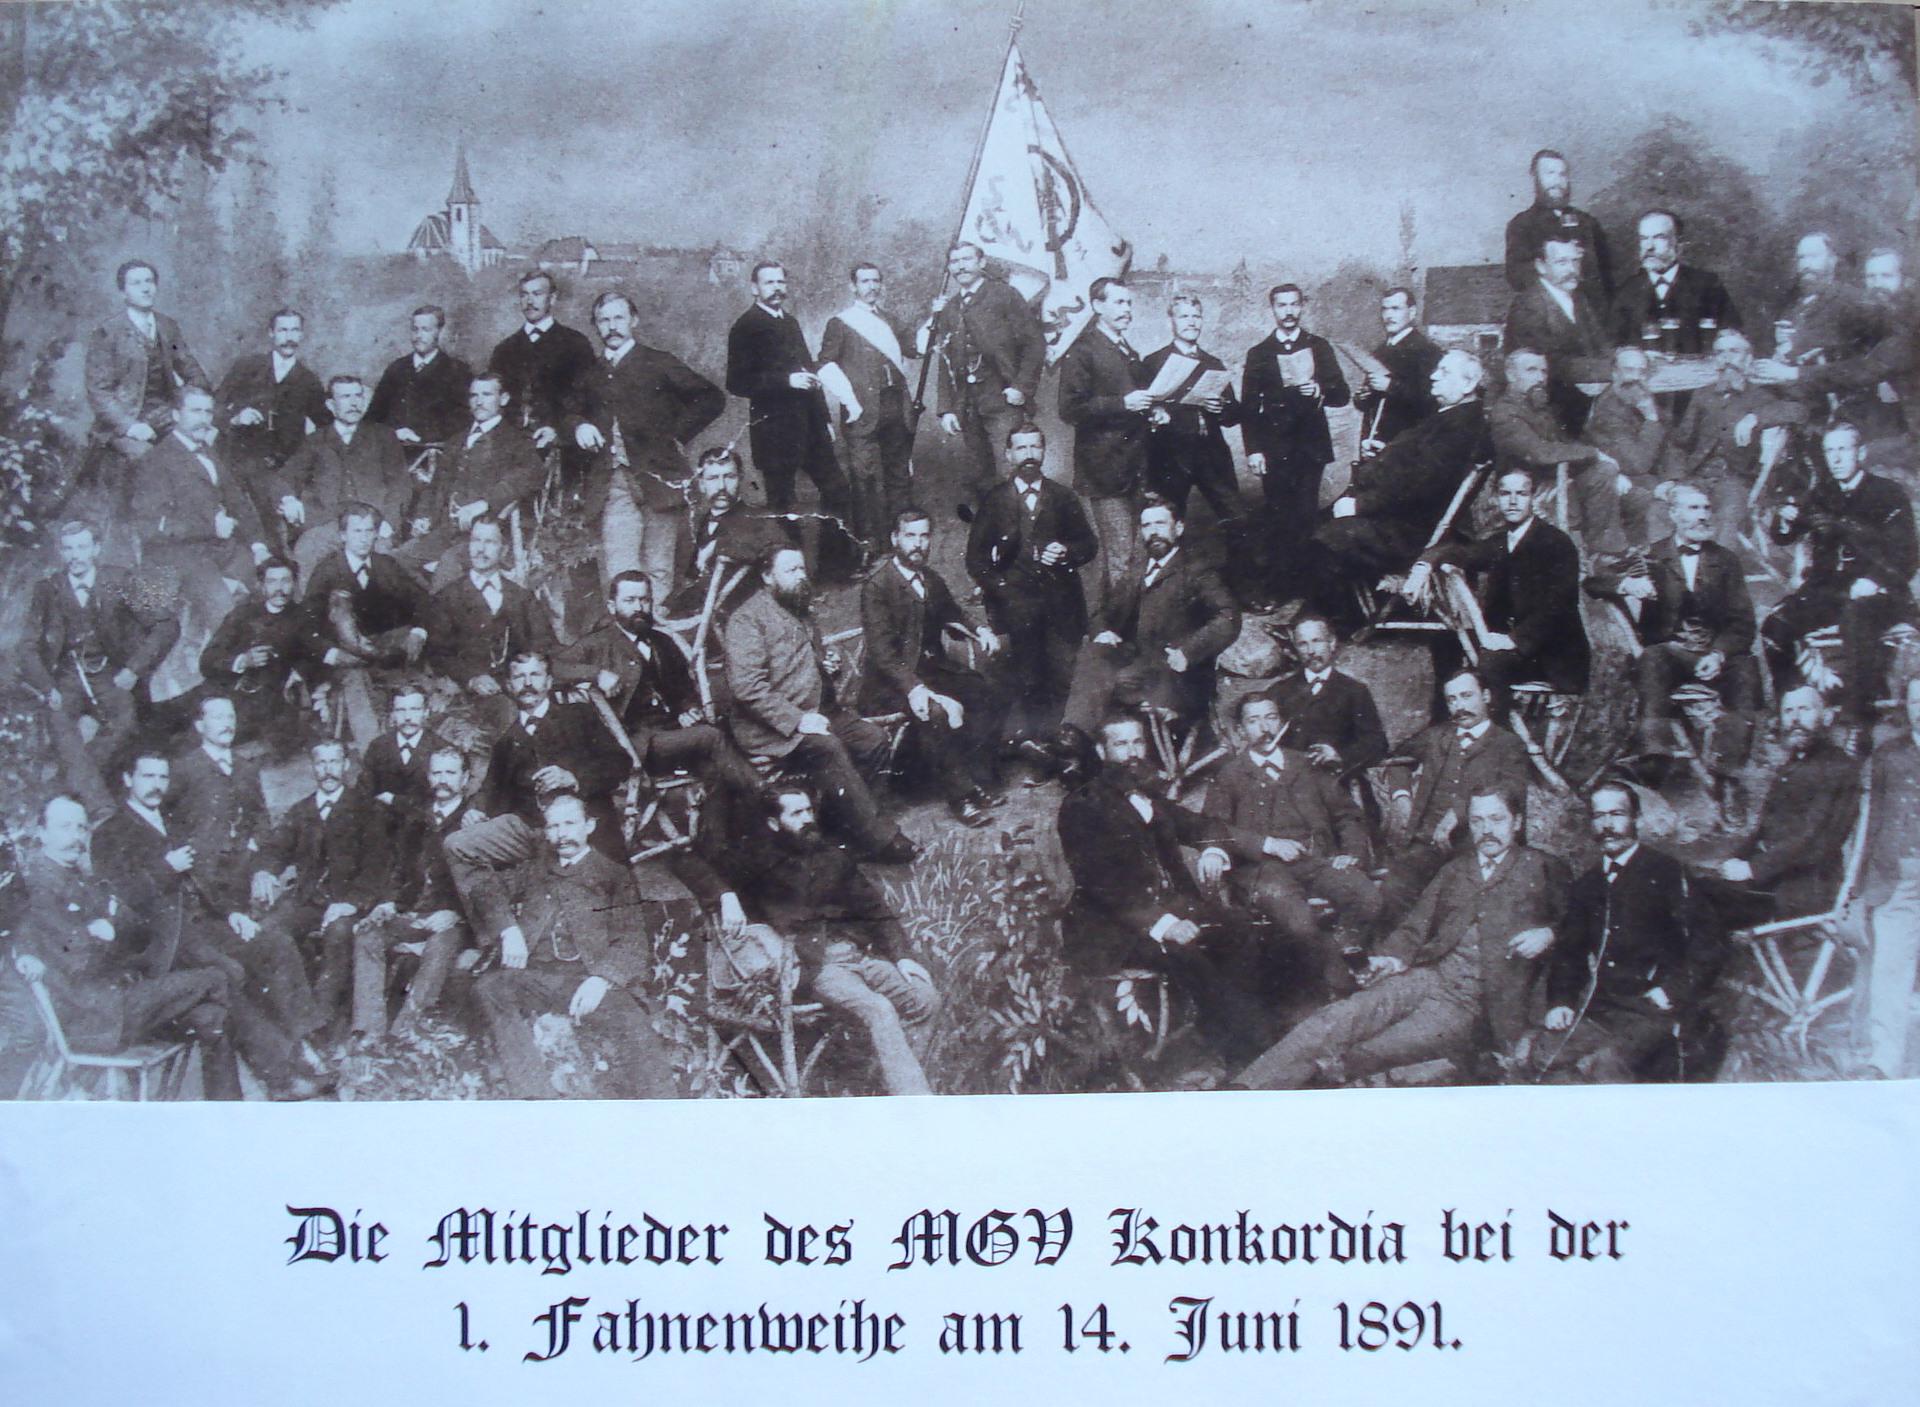 Konkordia im Jahre 1891